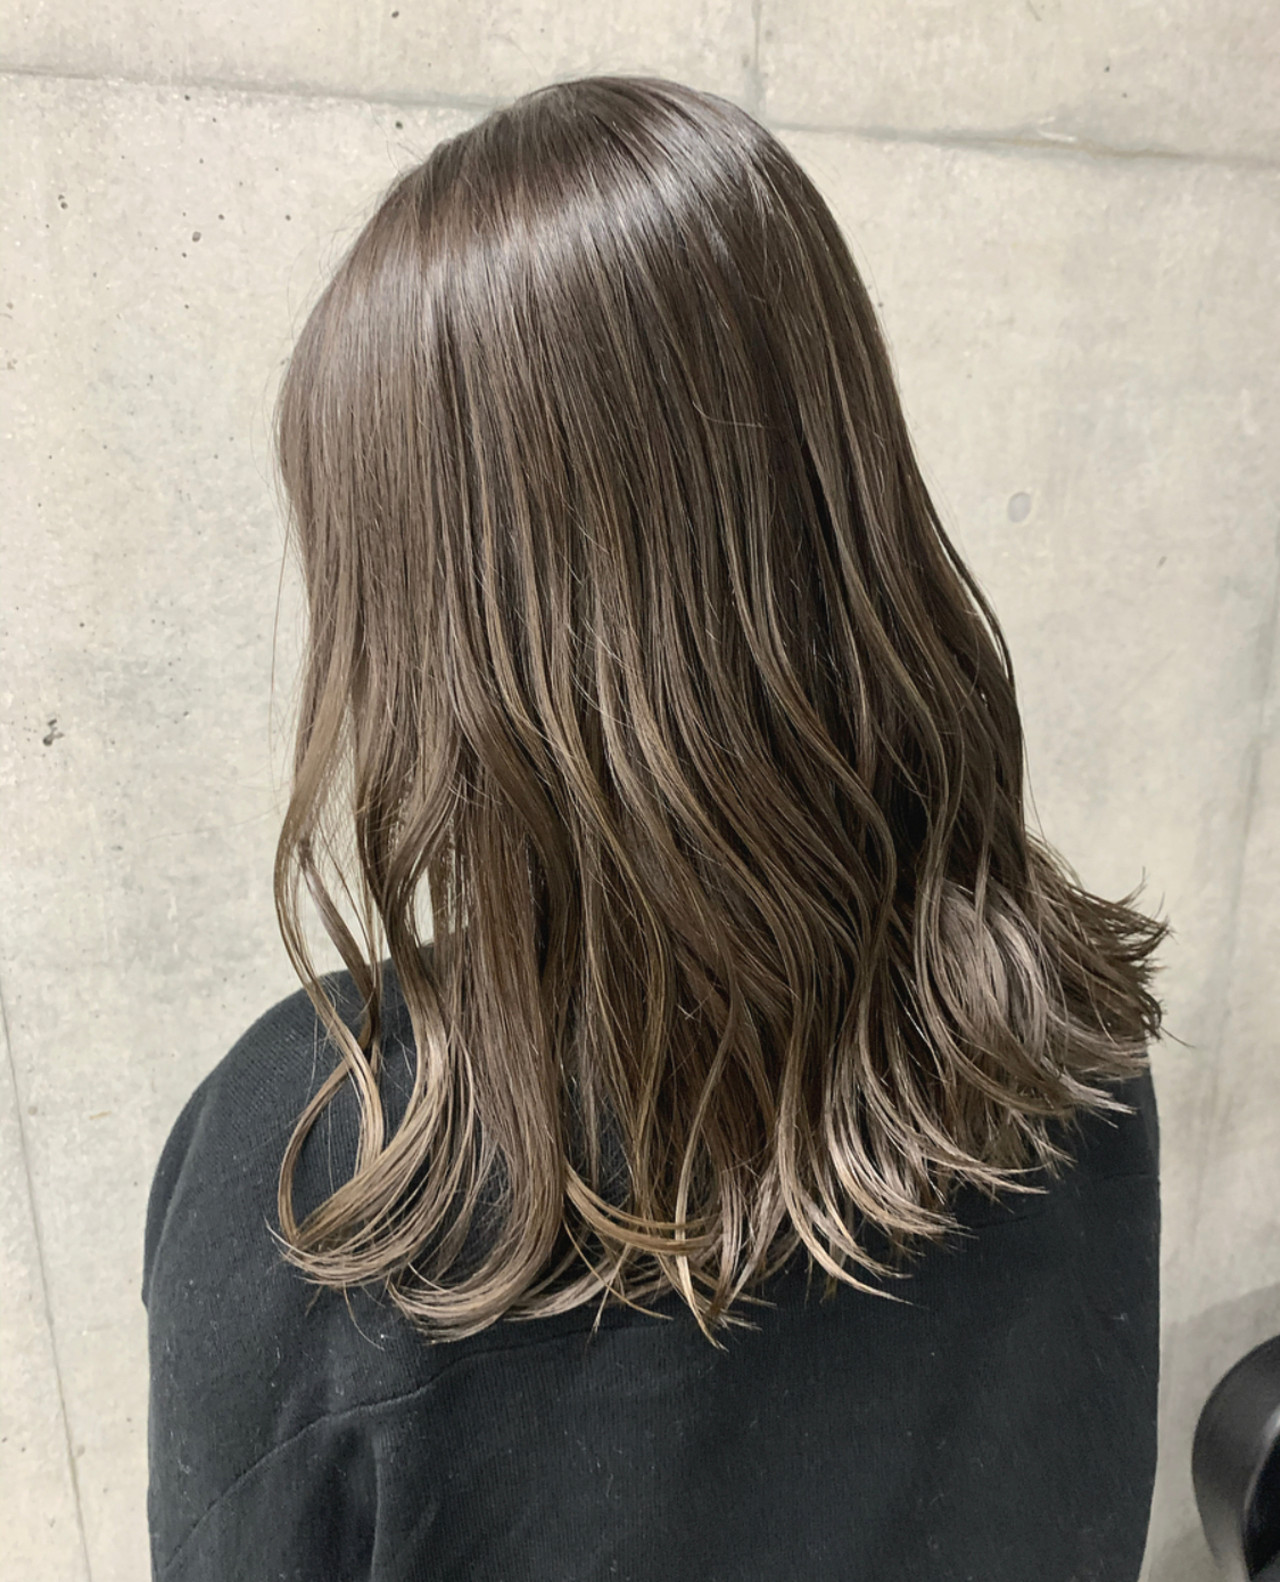 ラベンダーグレージュ ナチュラル 極細ハイライト ミディアム ヘアスタイルや髪型の写真・画像